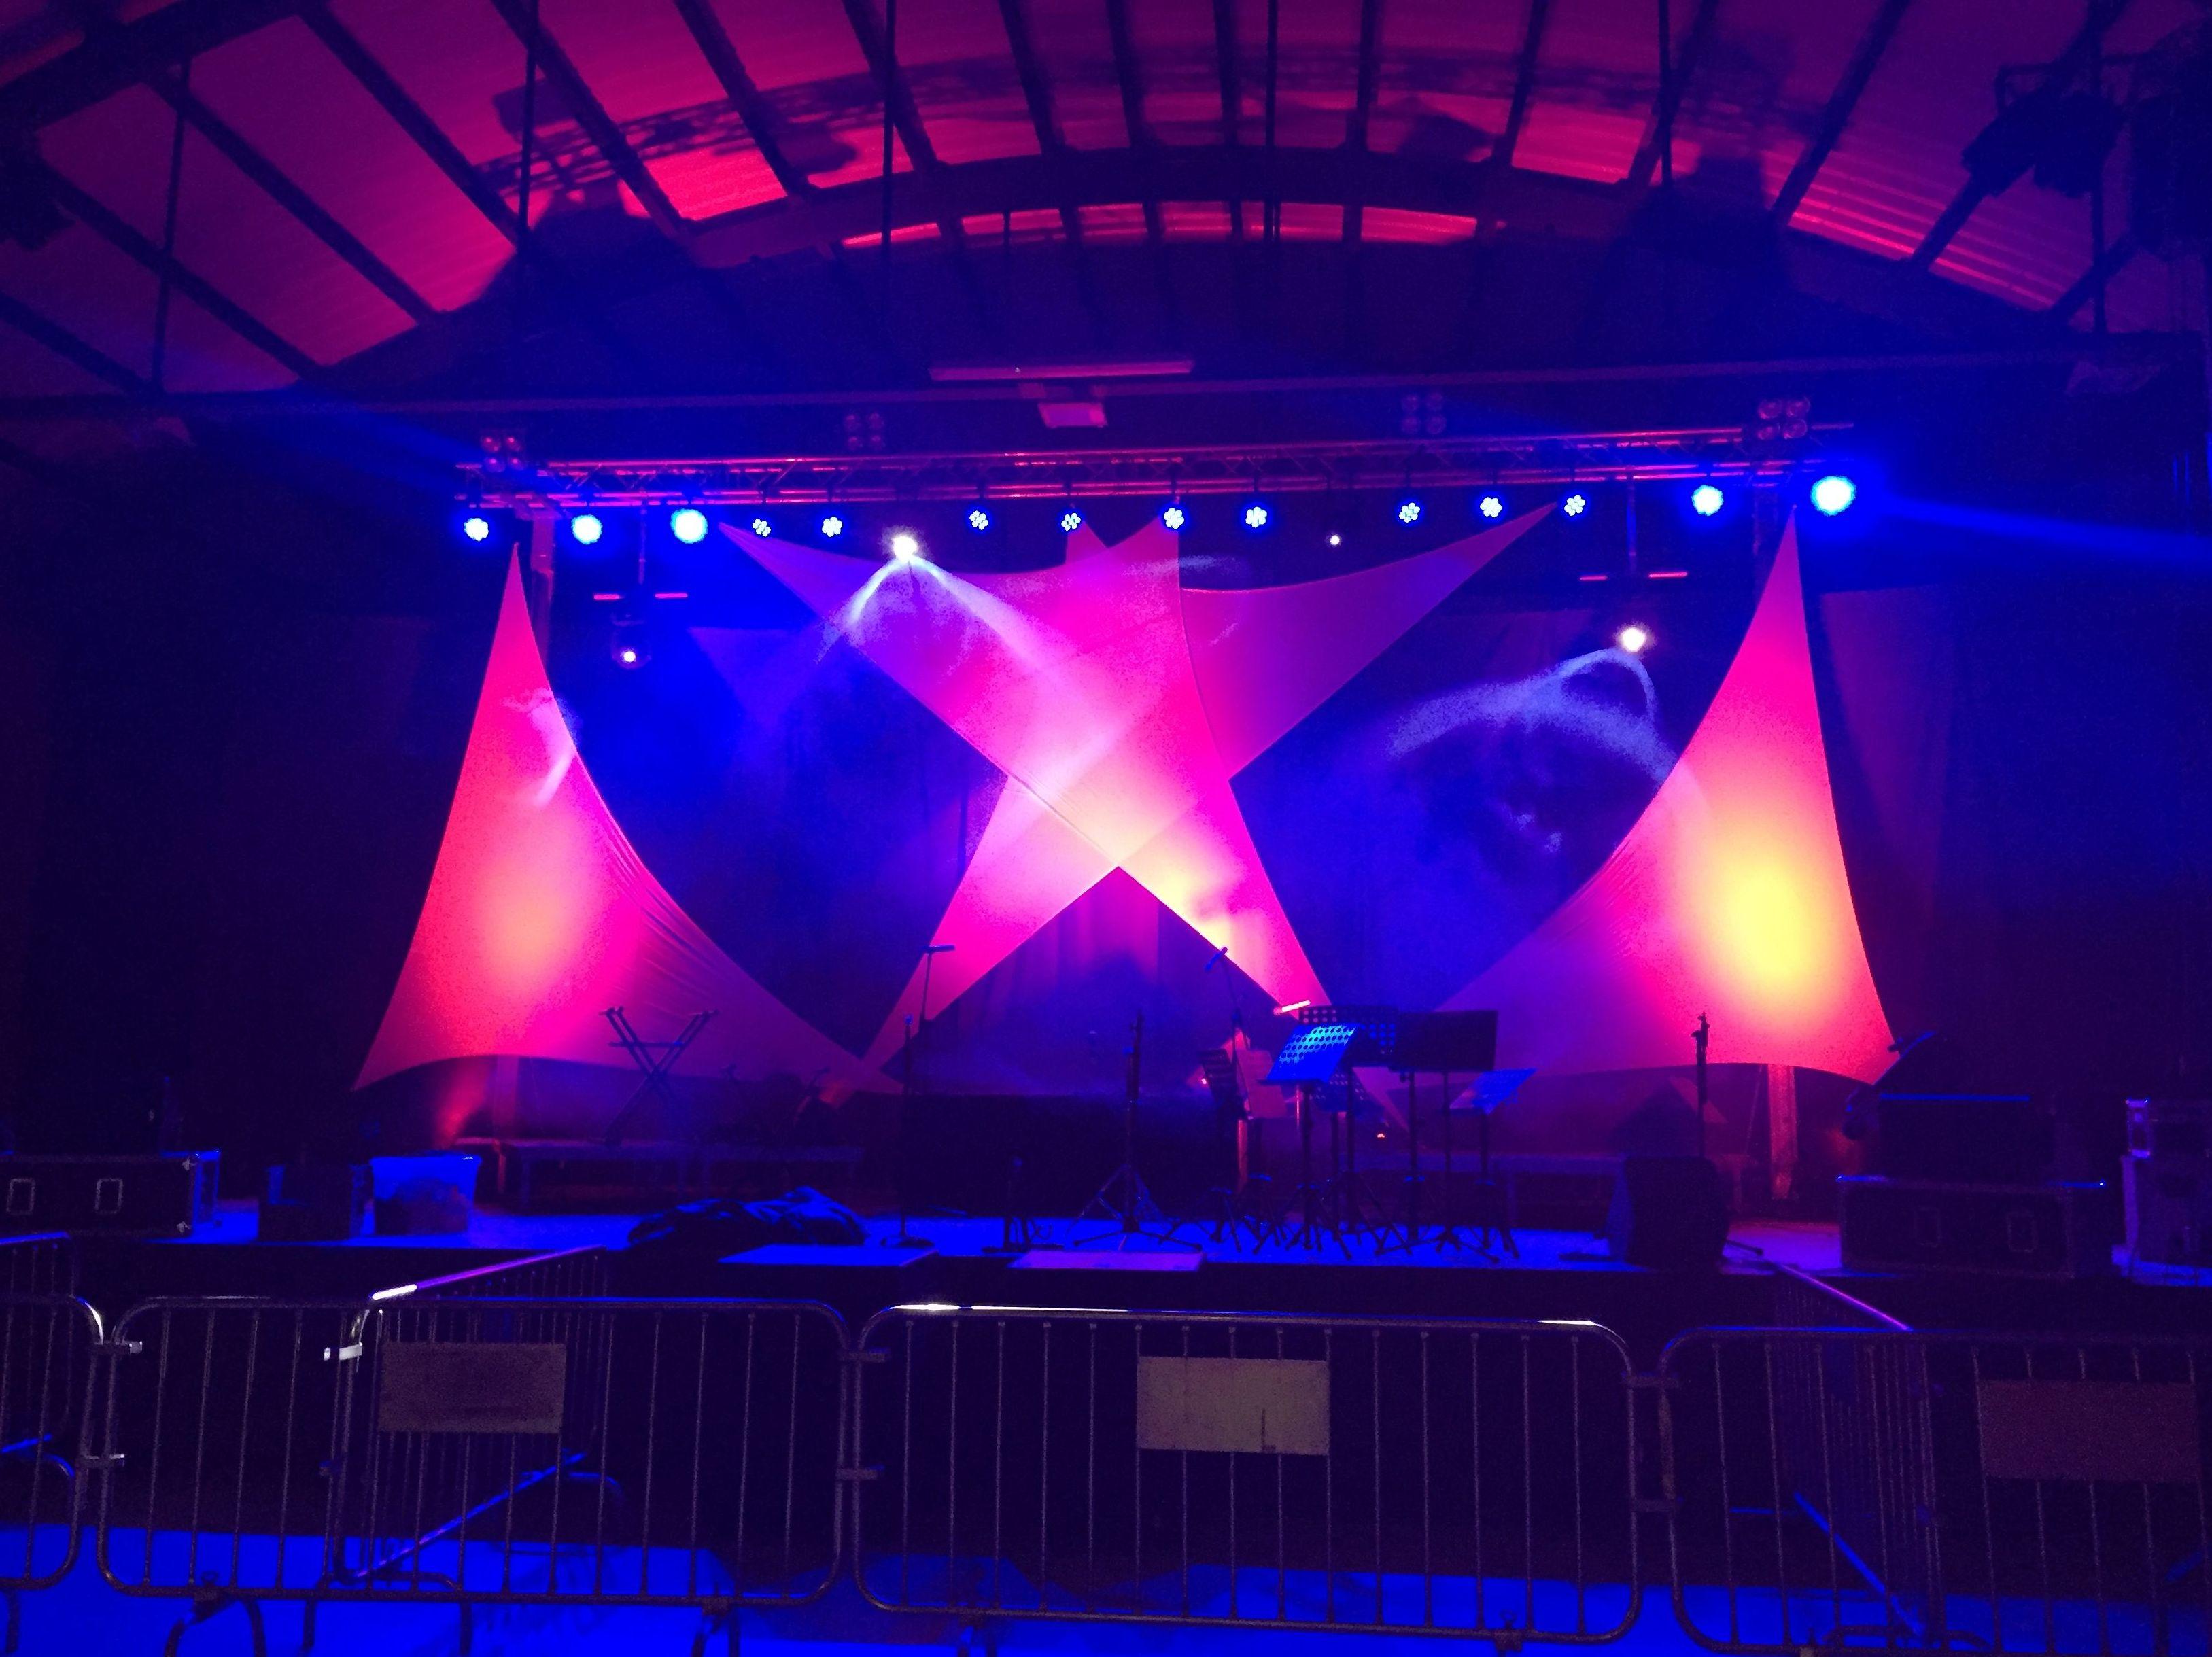 Il.luminación para eventos y conciertos